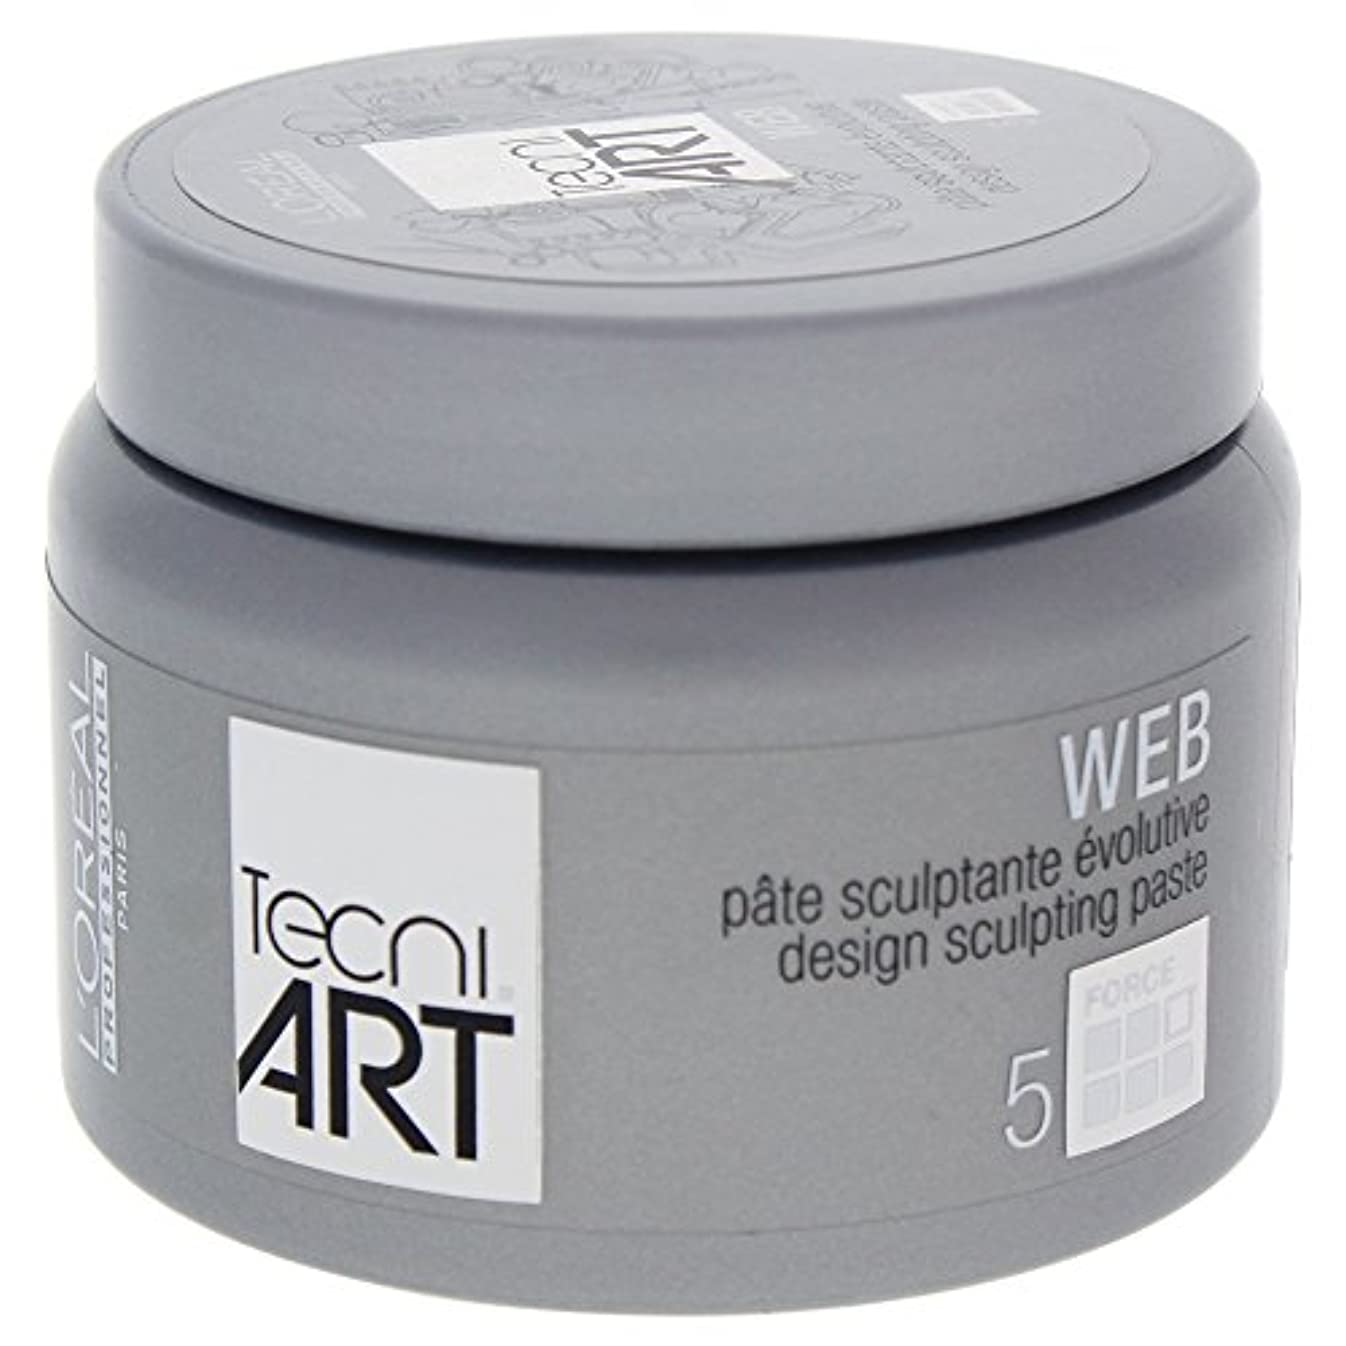 投げ捨てるコンピューターを使用する焦がすロレアルテクニアートTecni Art Force 5 Web Design Sculpting Paste